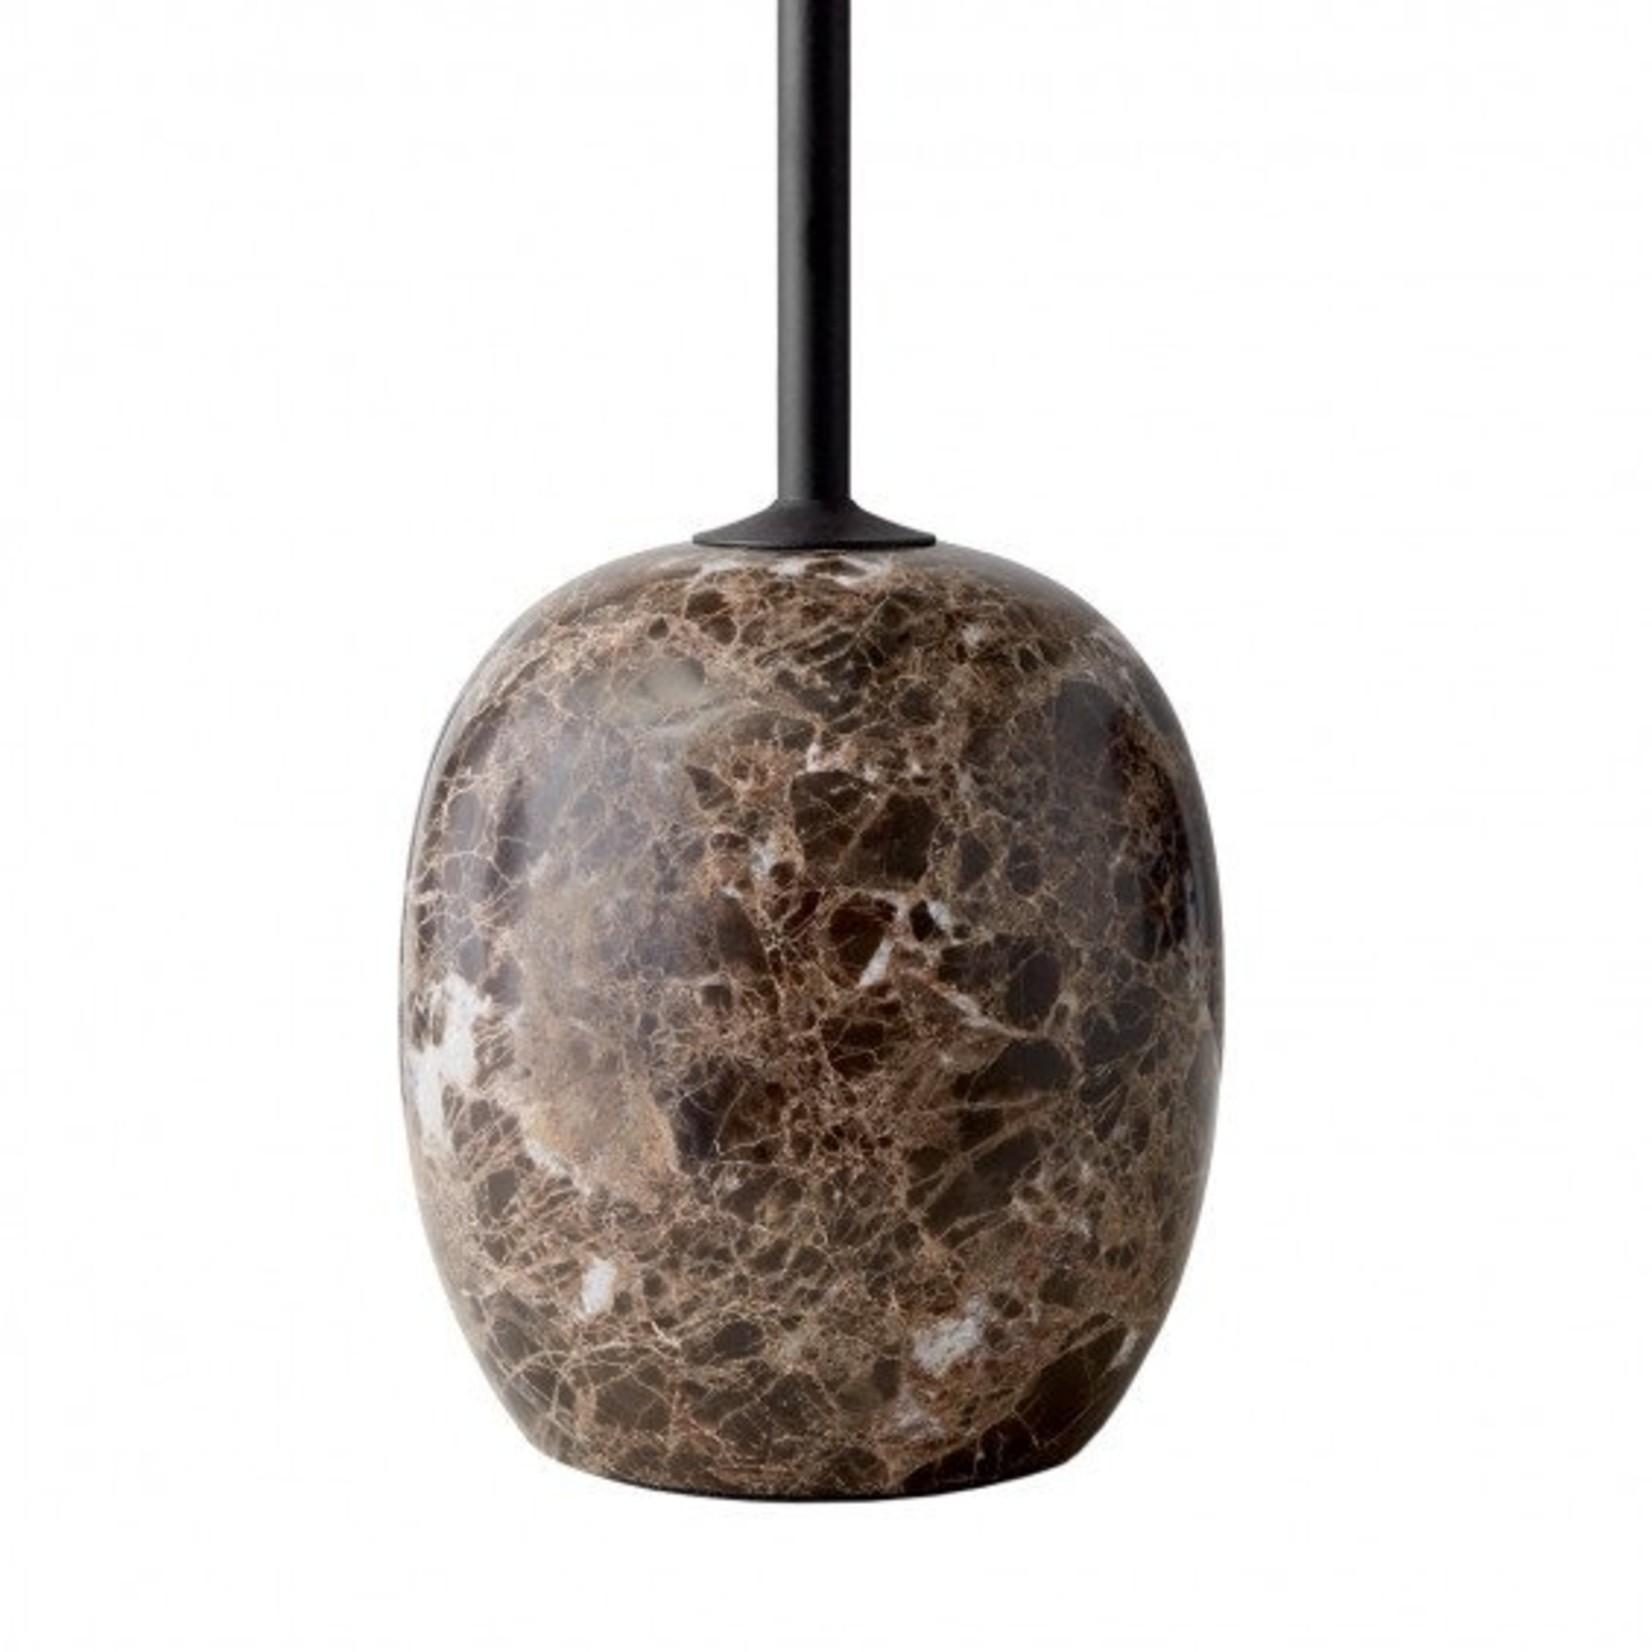 &Tradition Side table Lato LN8   Warm Black & Emperador Marble